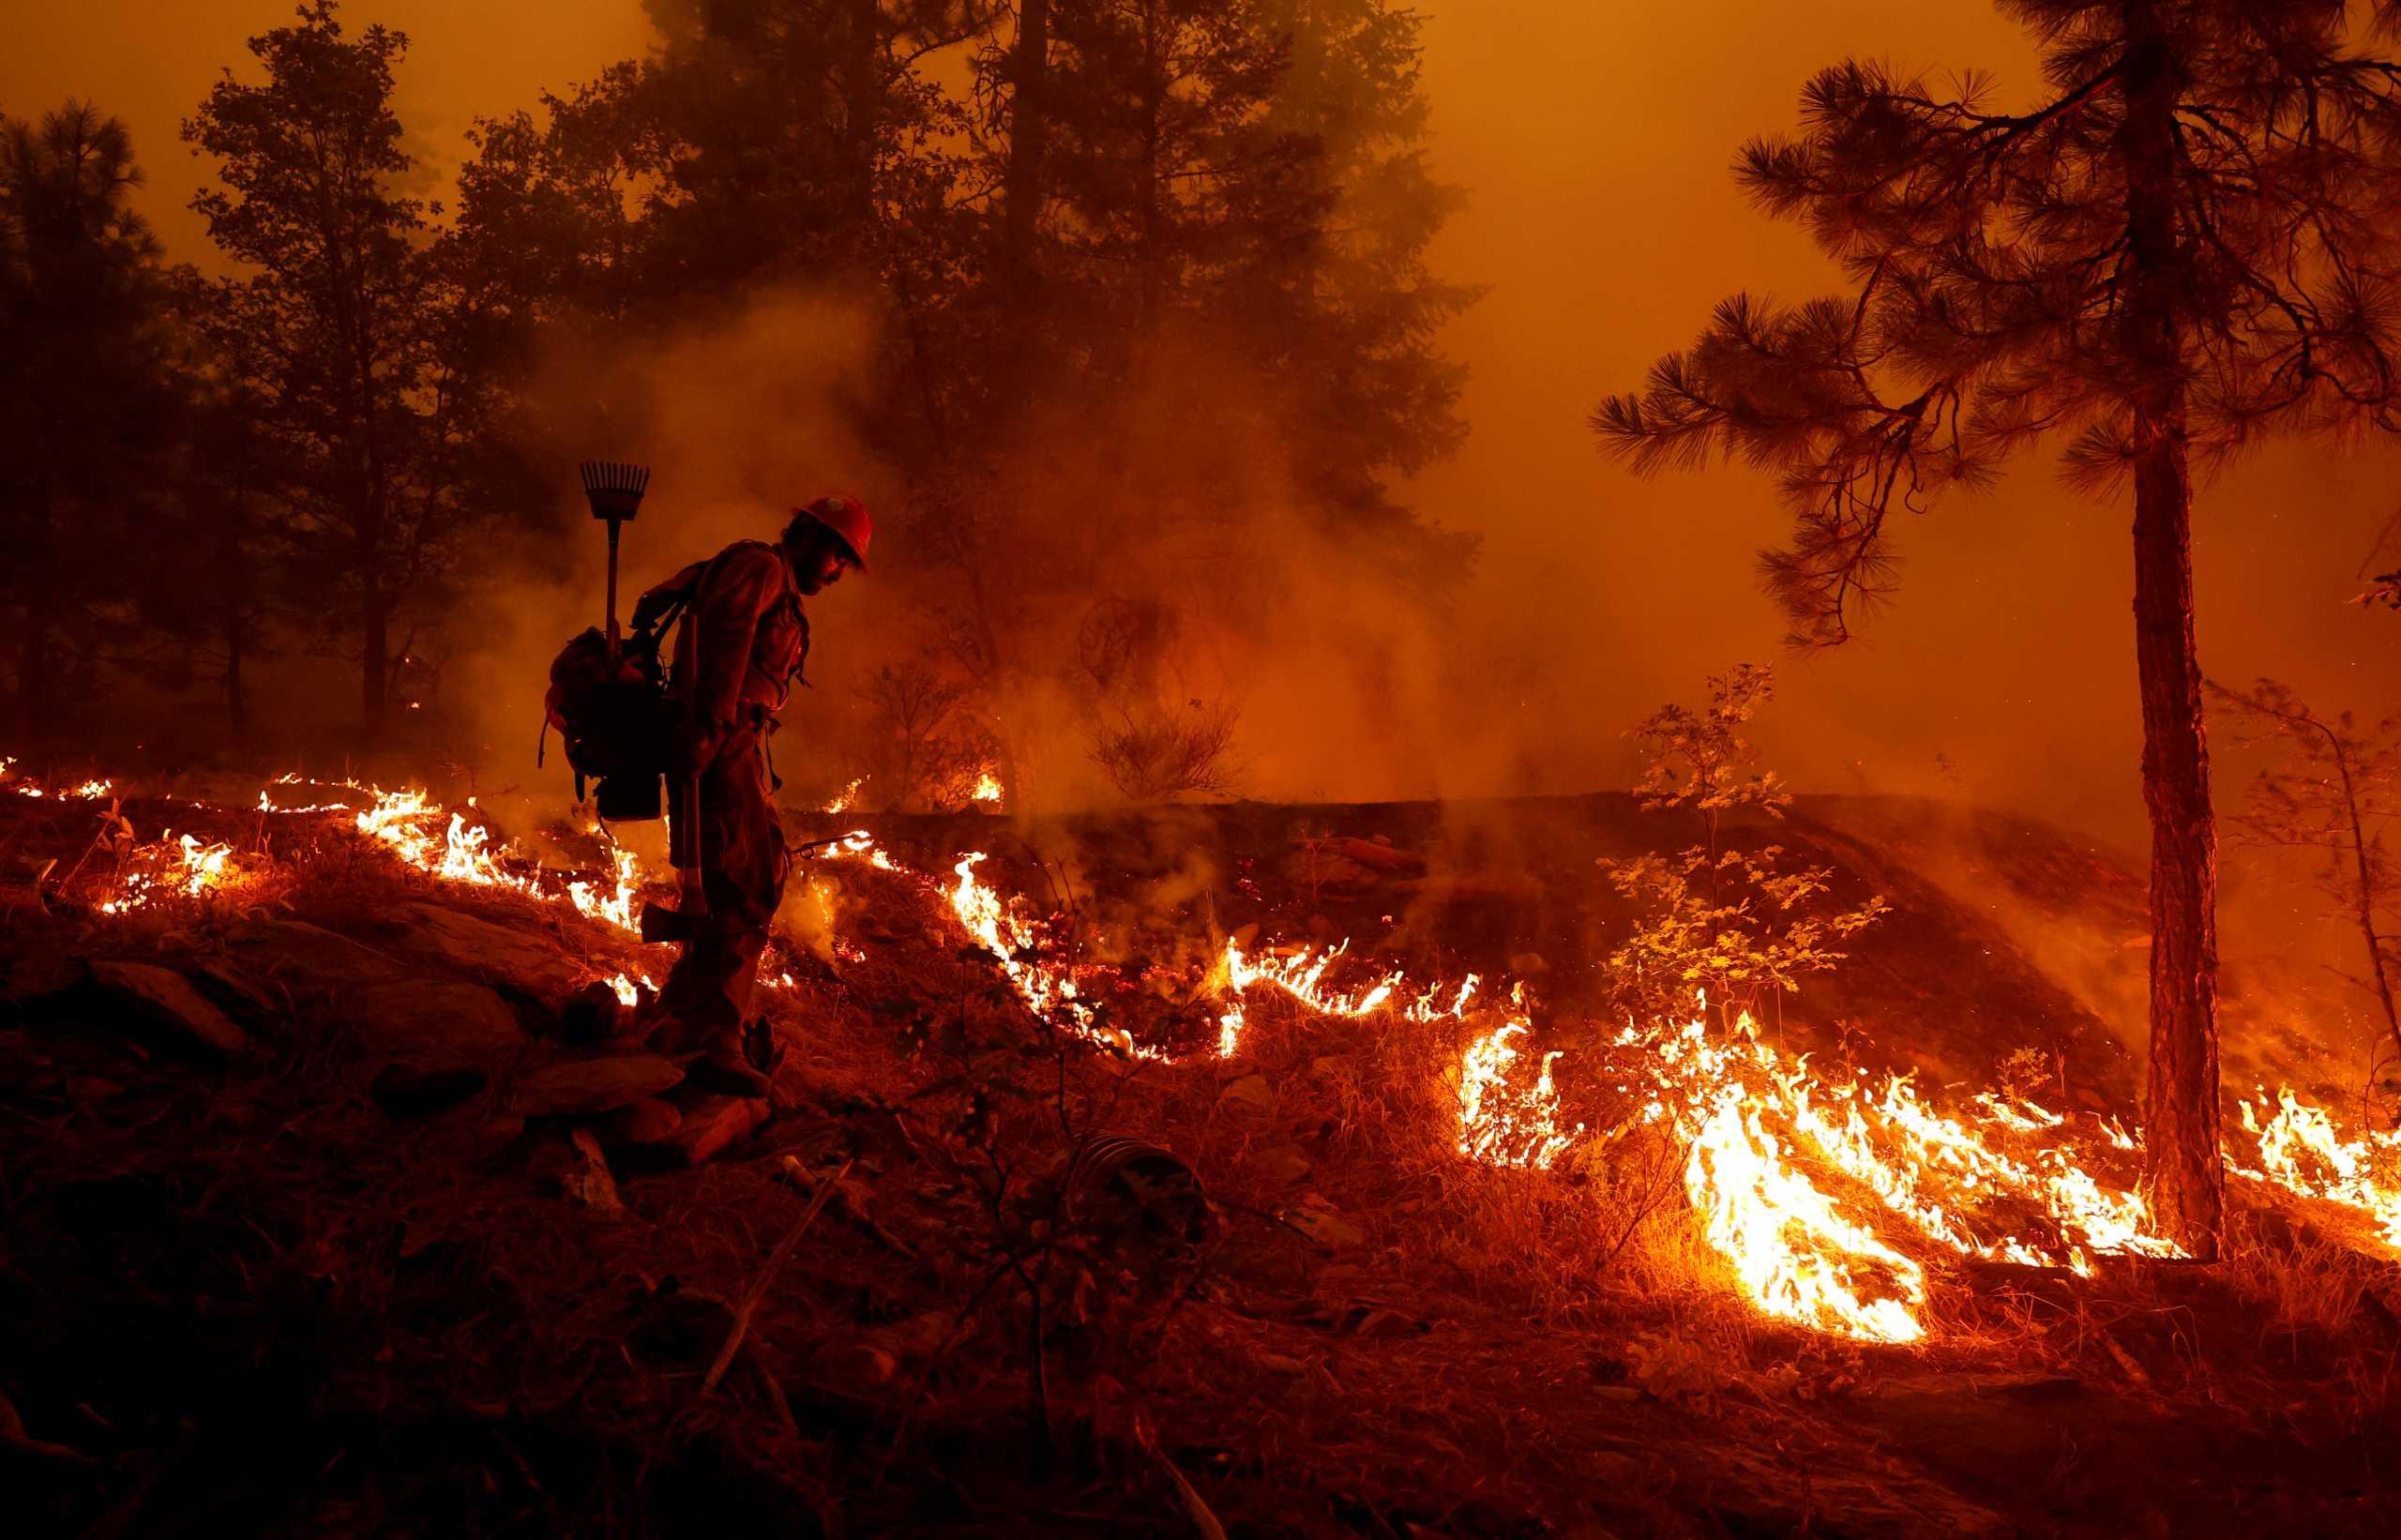 ΗΠΑ: Μαίνεται η «Ντίξι» στην Καλιφόρνια – Η 2η μεγαλύτερη πυρκαγιά στην ιστορία της πολιτείας